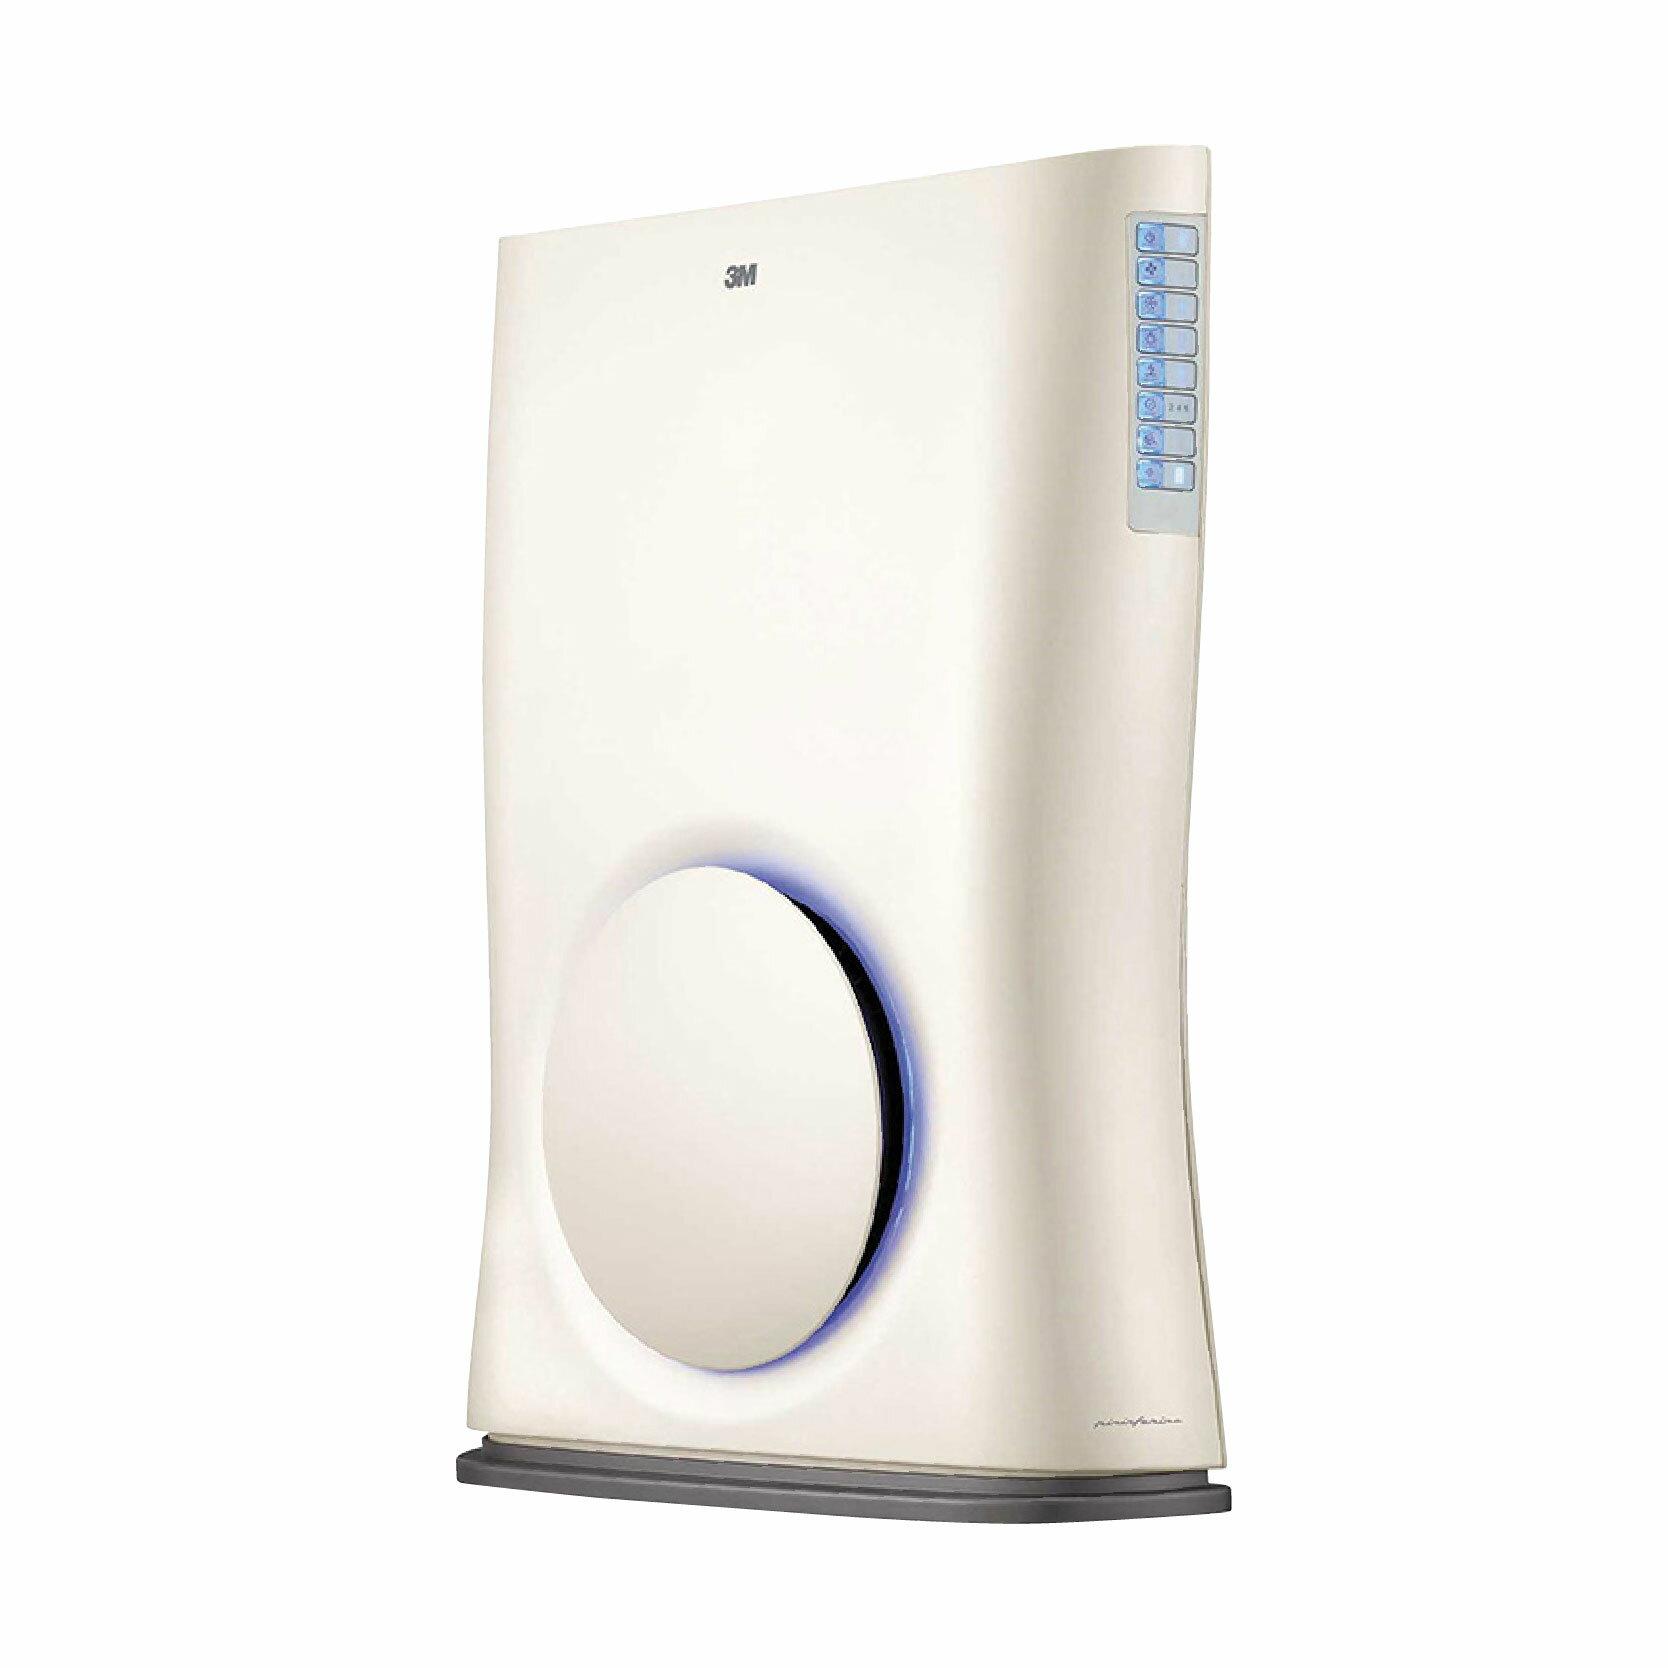 西瓜籽 3M CHIMSPD-188WH 淨呼吸Slimax超薄型空氣清淨機 (適用至8坪)  FA-U90 過敏 去異味 去除PM2.5 防疫 過濾 除塵 低噪音 省電 家人健康 嬰兒 寵物 單人